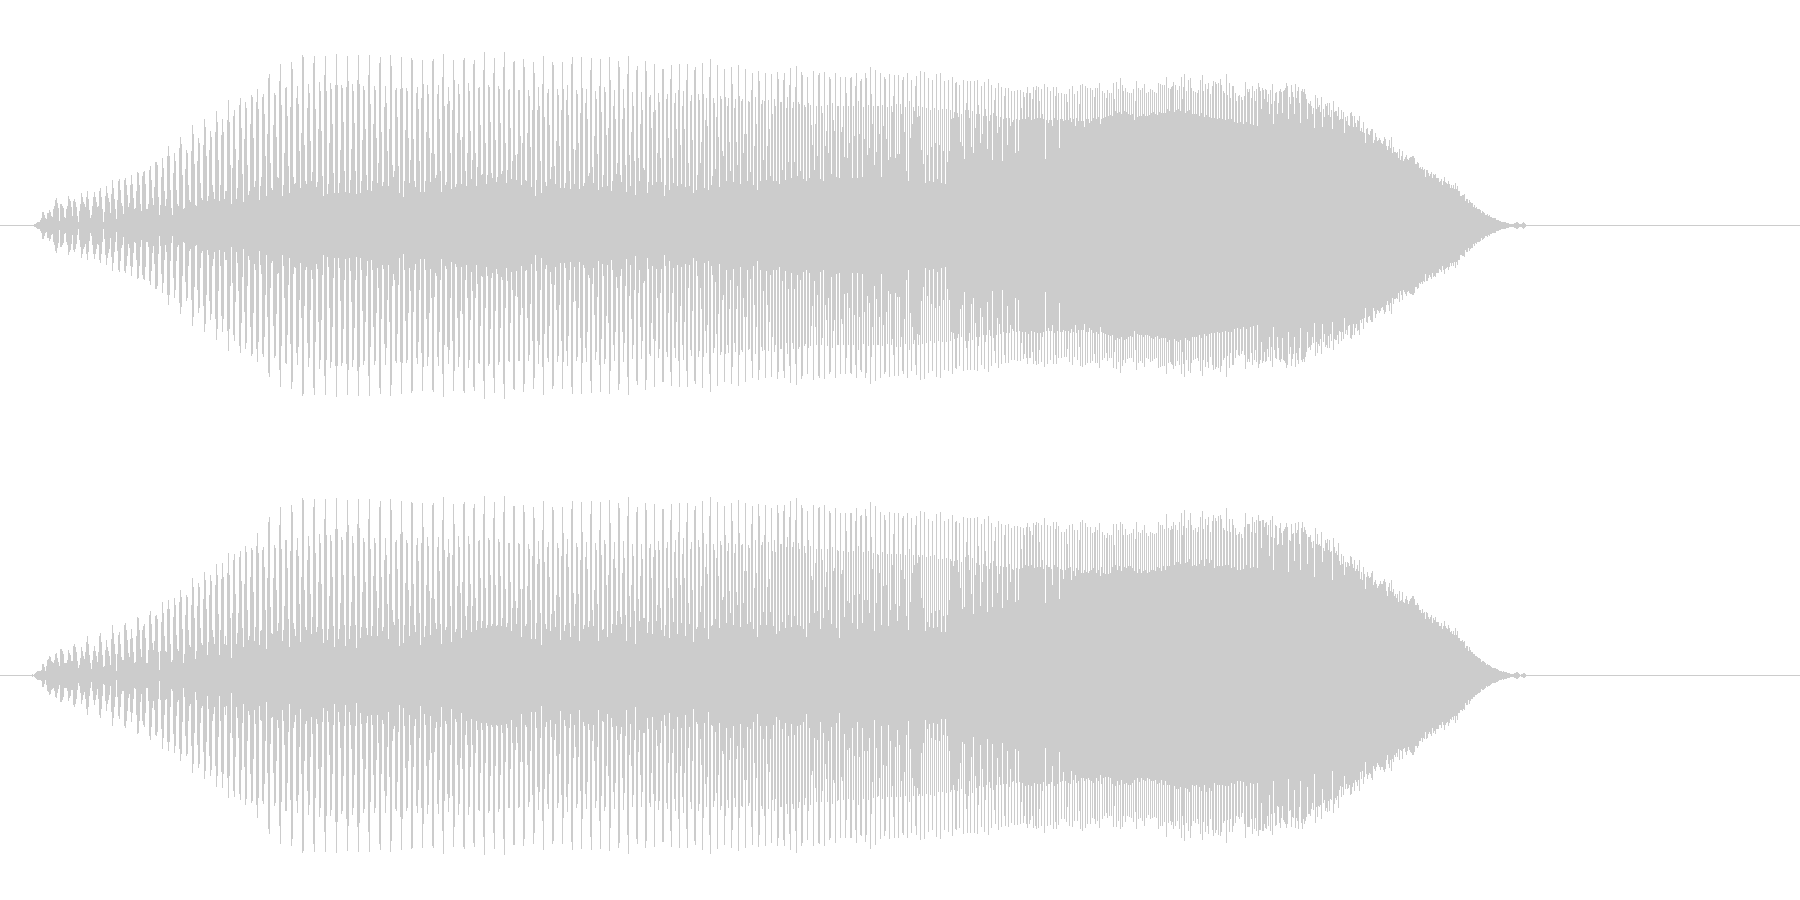 プーィ、プーィ↑、プー(コミカル電子音)の未再生の波形